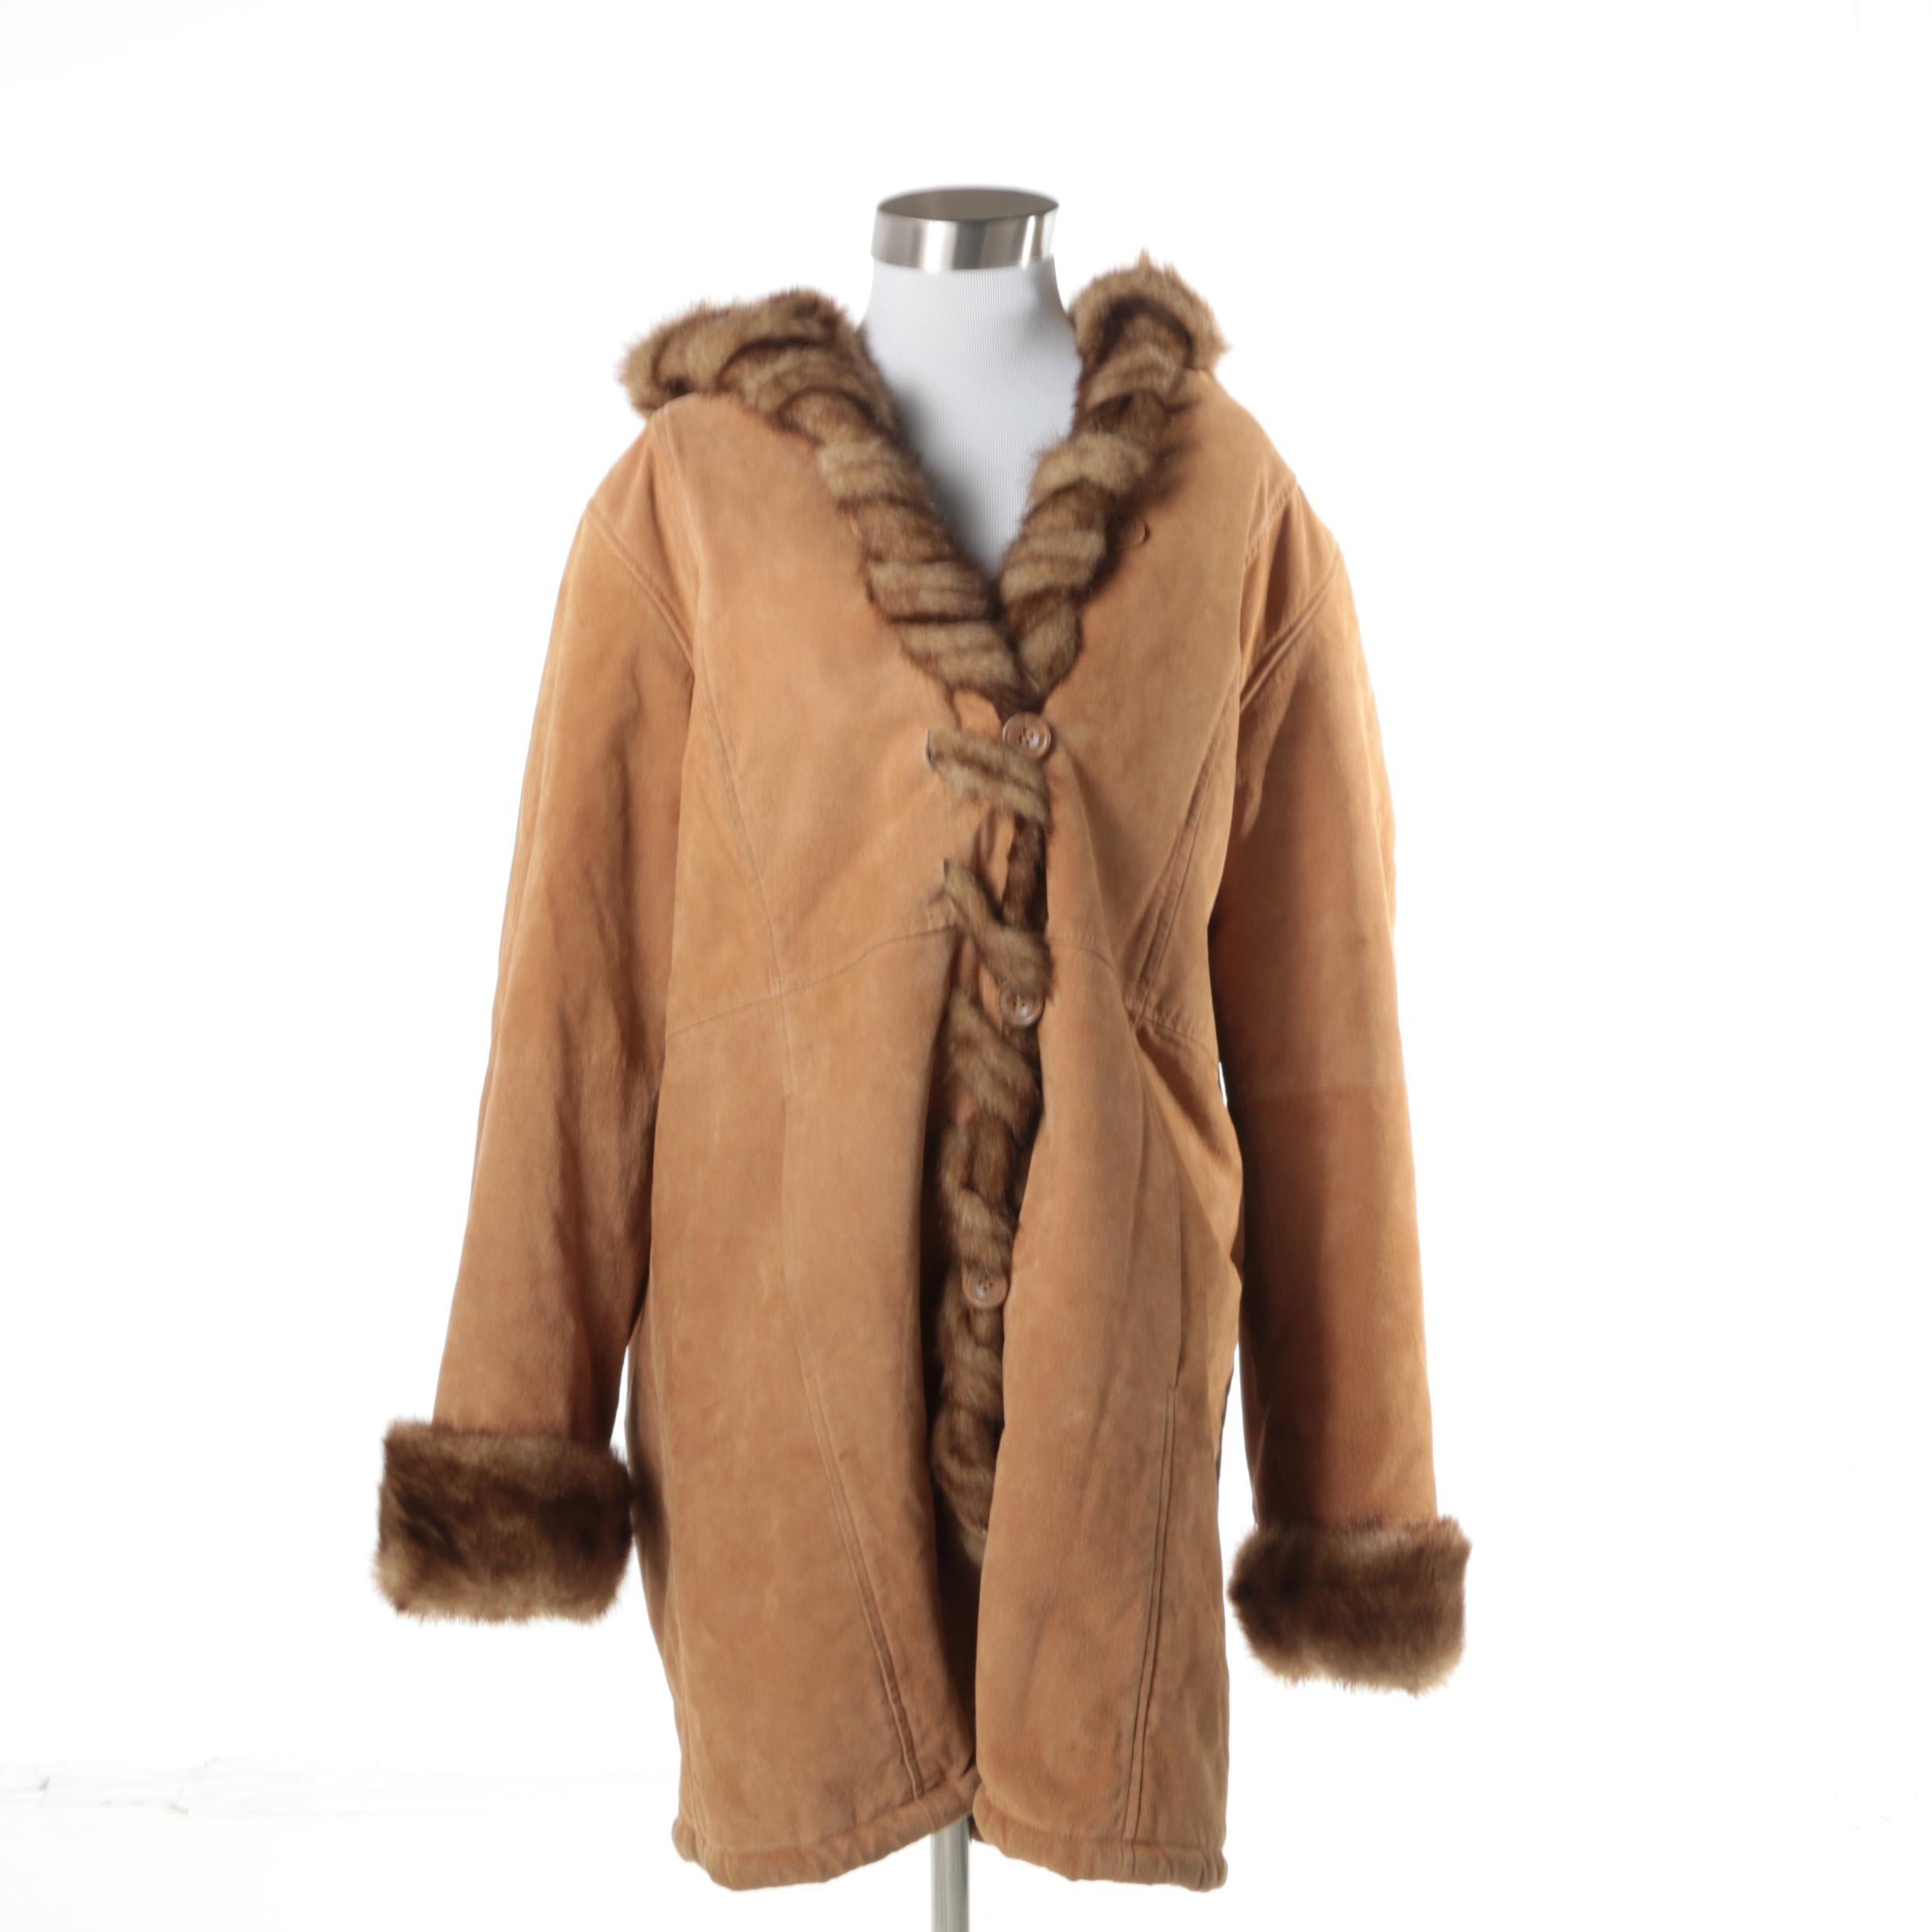 Women's Dennis Basso Tan Leather Coat with Faux Fur Trim